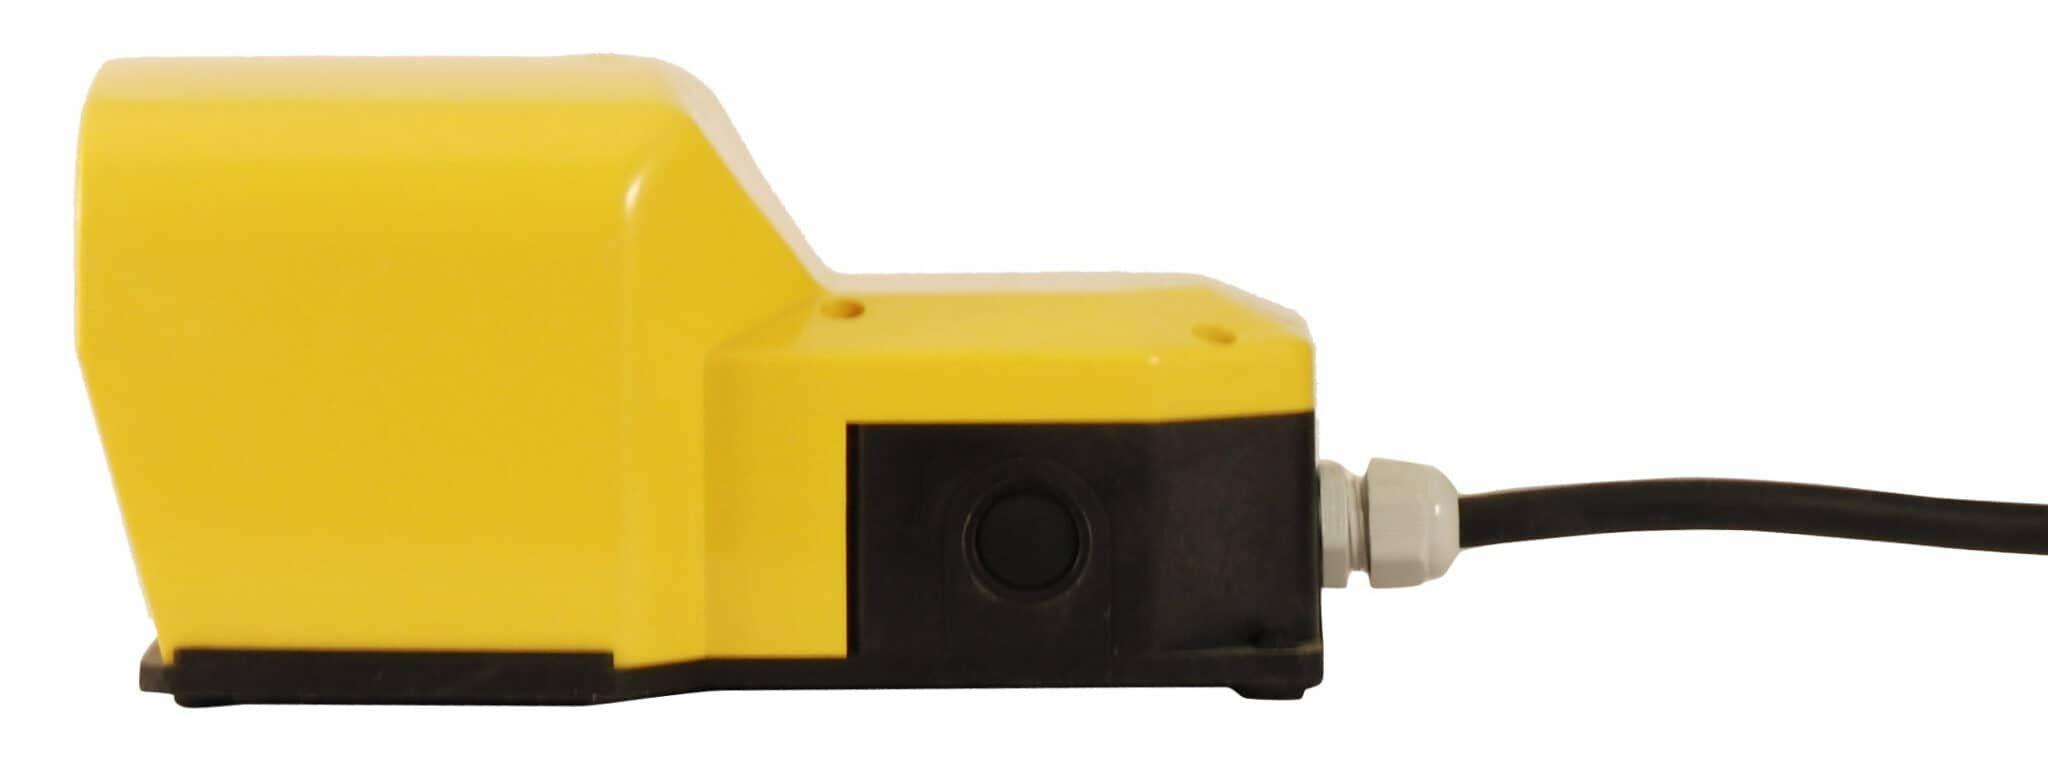 pedalina-laterale-piastra-vibrante-12v